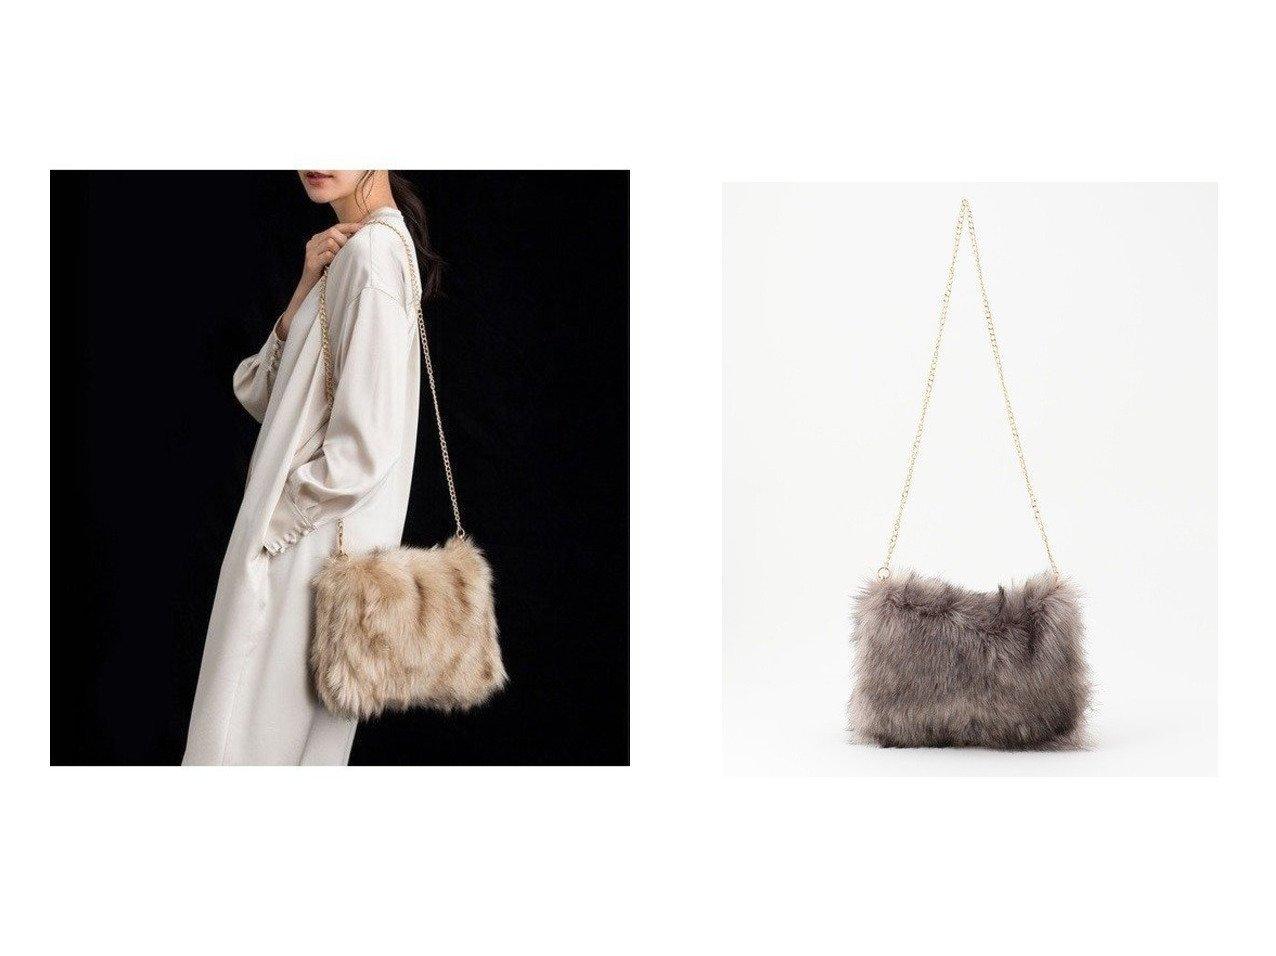 【JIYU-KU/自由区】の【2WAY】フェイクファークラッチ バッグ バッグ・鞄のおすすめ!人気、トレンド・レディースファッションの通販 おすすめで人気の流行・トレンド、ファッションの通販商品 メンズファッション・キッズファッション・インテリア・家具・レディースファッション・服の通販 founy(ファニー) https://founy.com/ ファッション Fashion レディースファッション WOMEN バッグ Bag 送料無料 Free Shipping クラッチ チェーン |ID:crp329100000014161